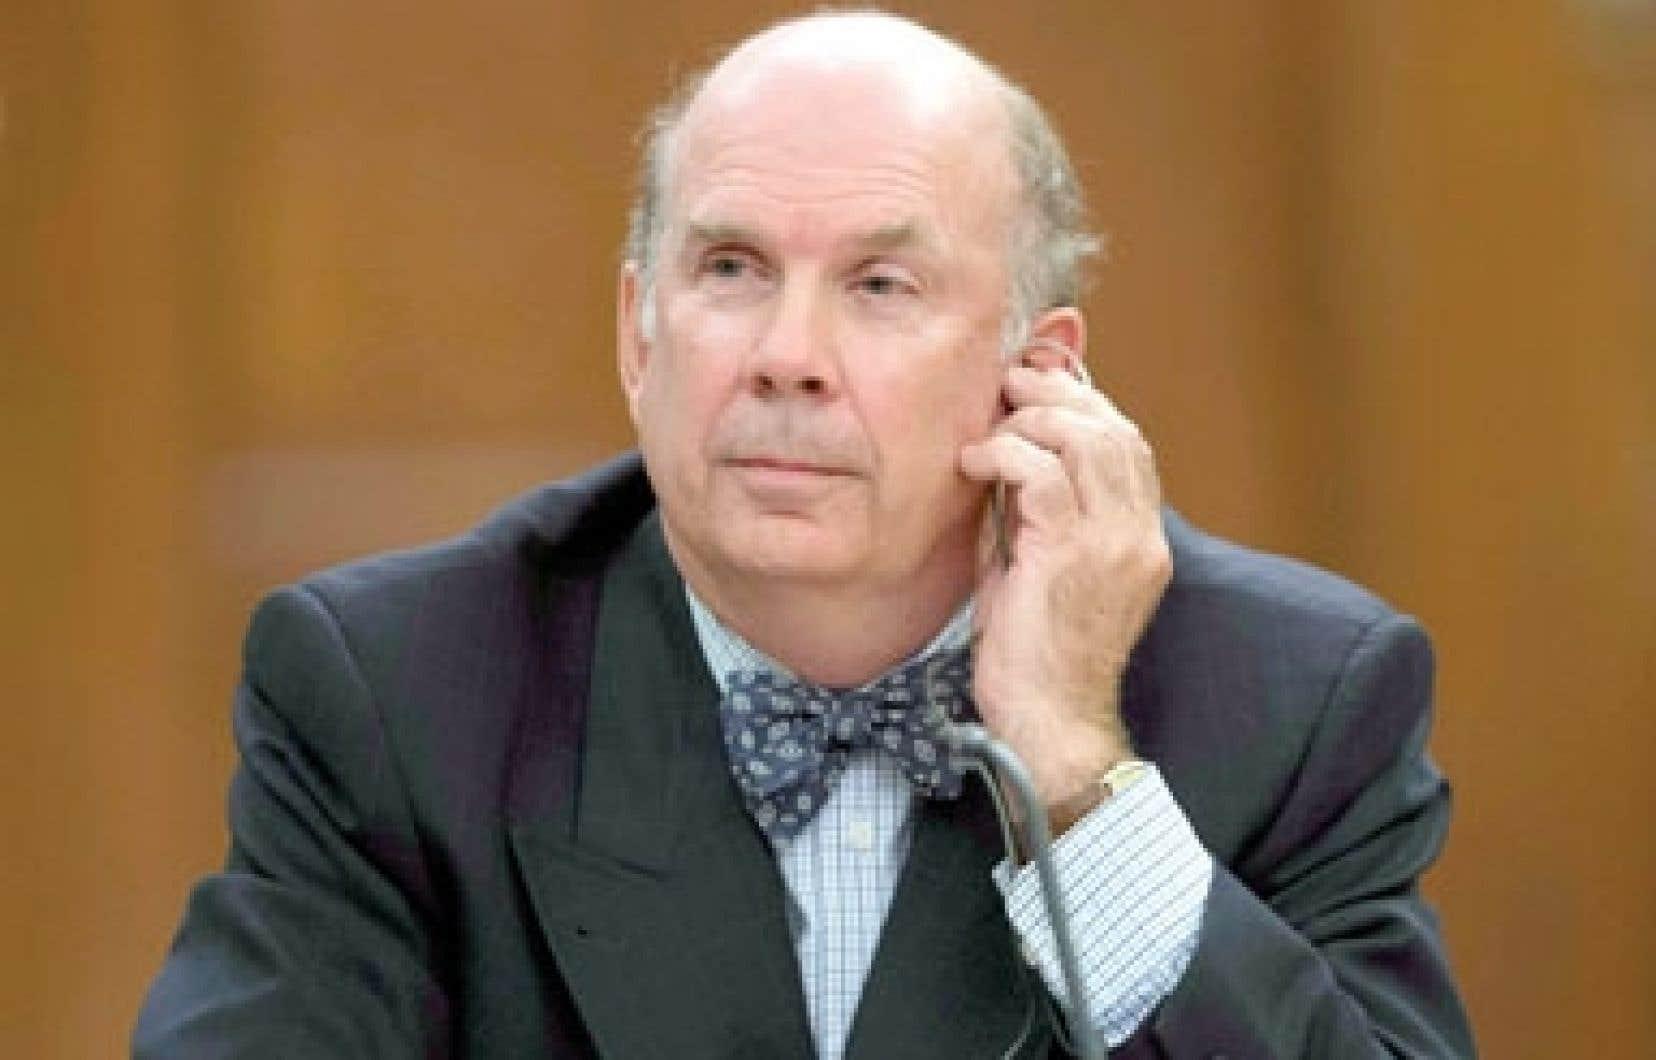 Le juge Marc Nadon, nommé pour occuper l'un des trois sièges réservés au Québec à la Cour suprême. Cette nomination a été rapidement contestée.